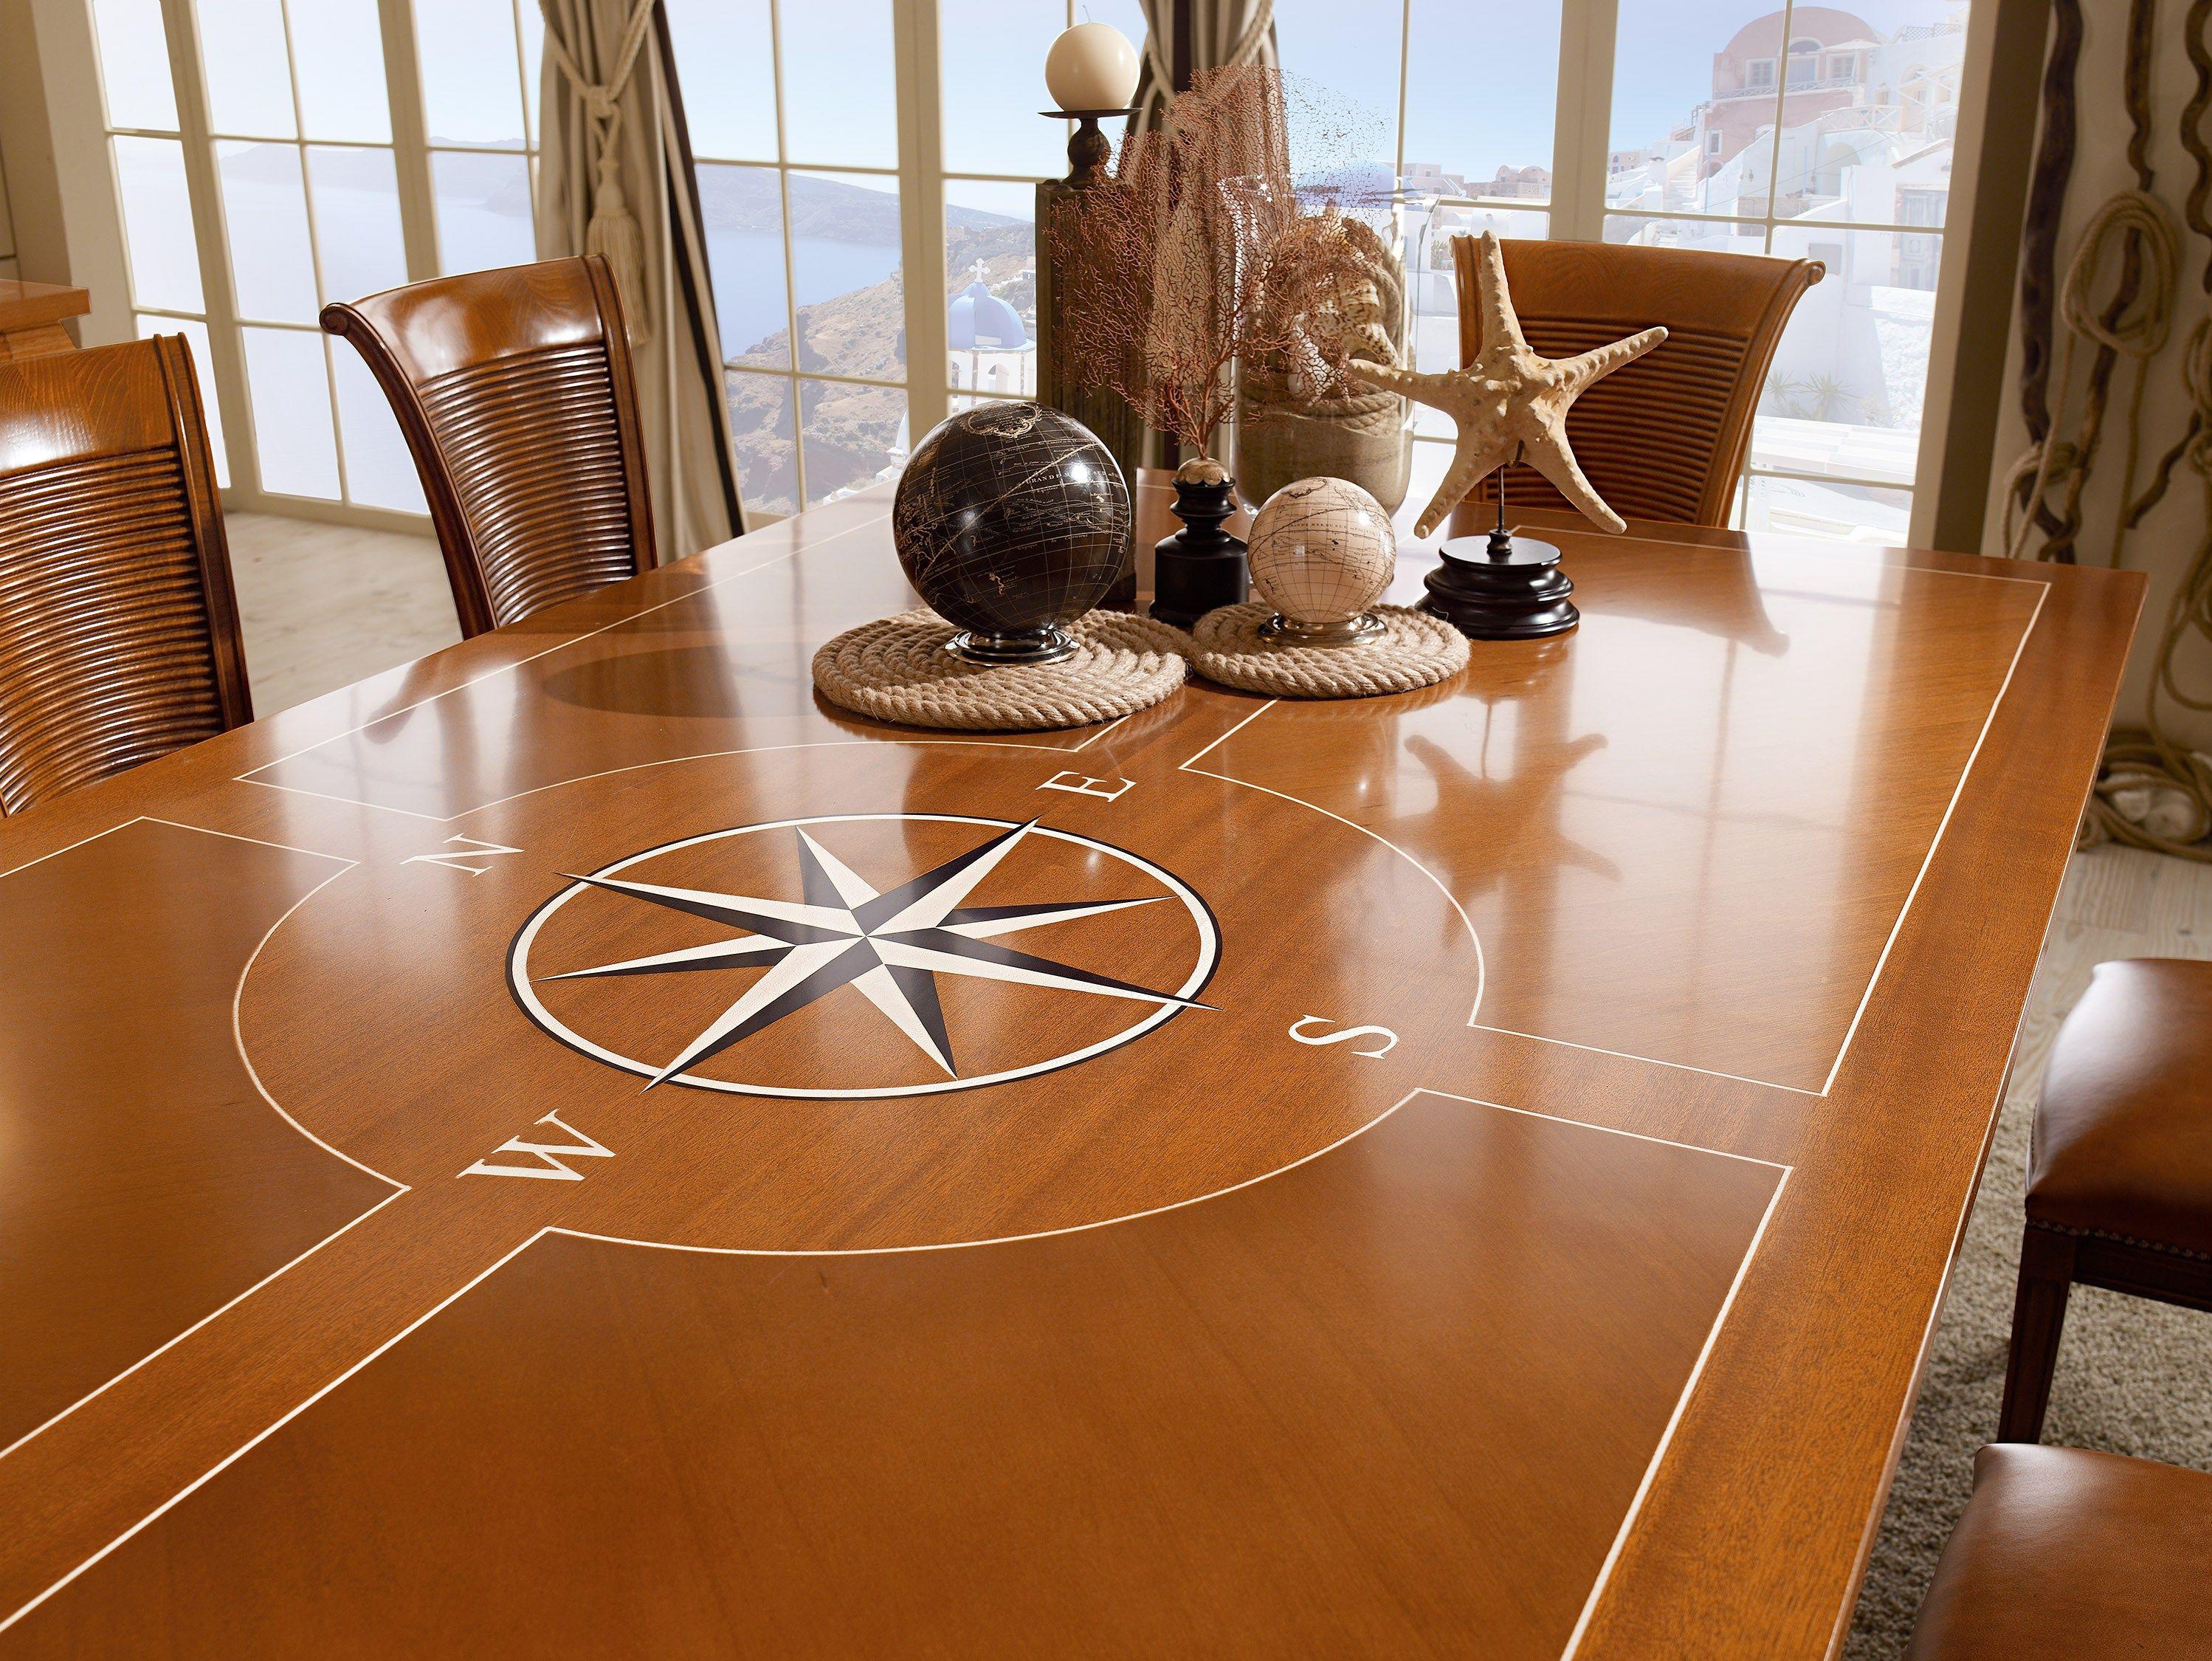 Sestante tavolo da pranzo by caroti - Tavolo in legno massello ...